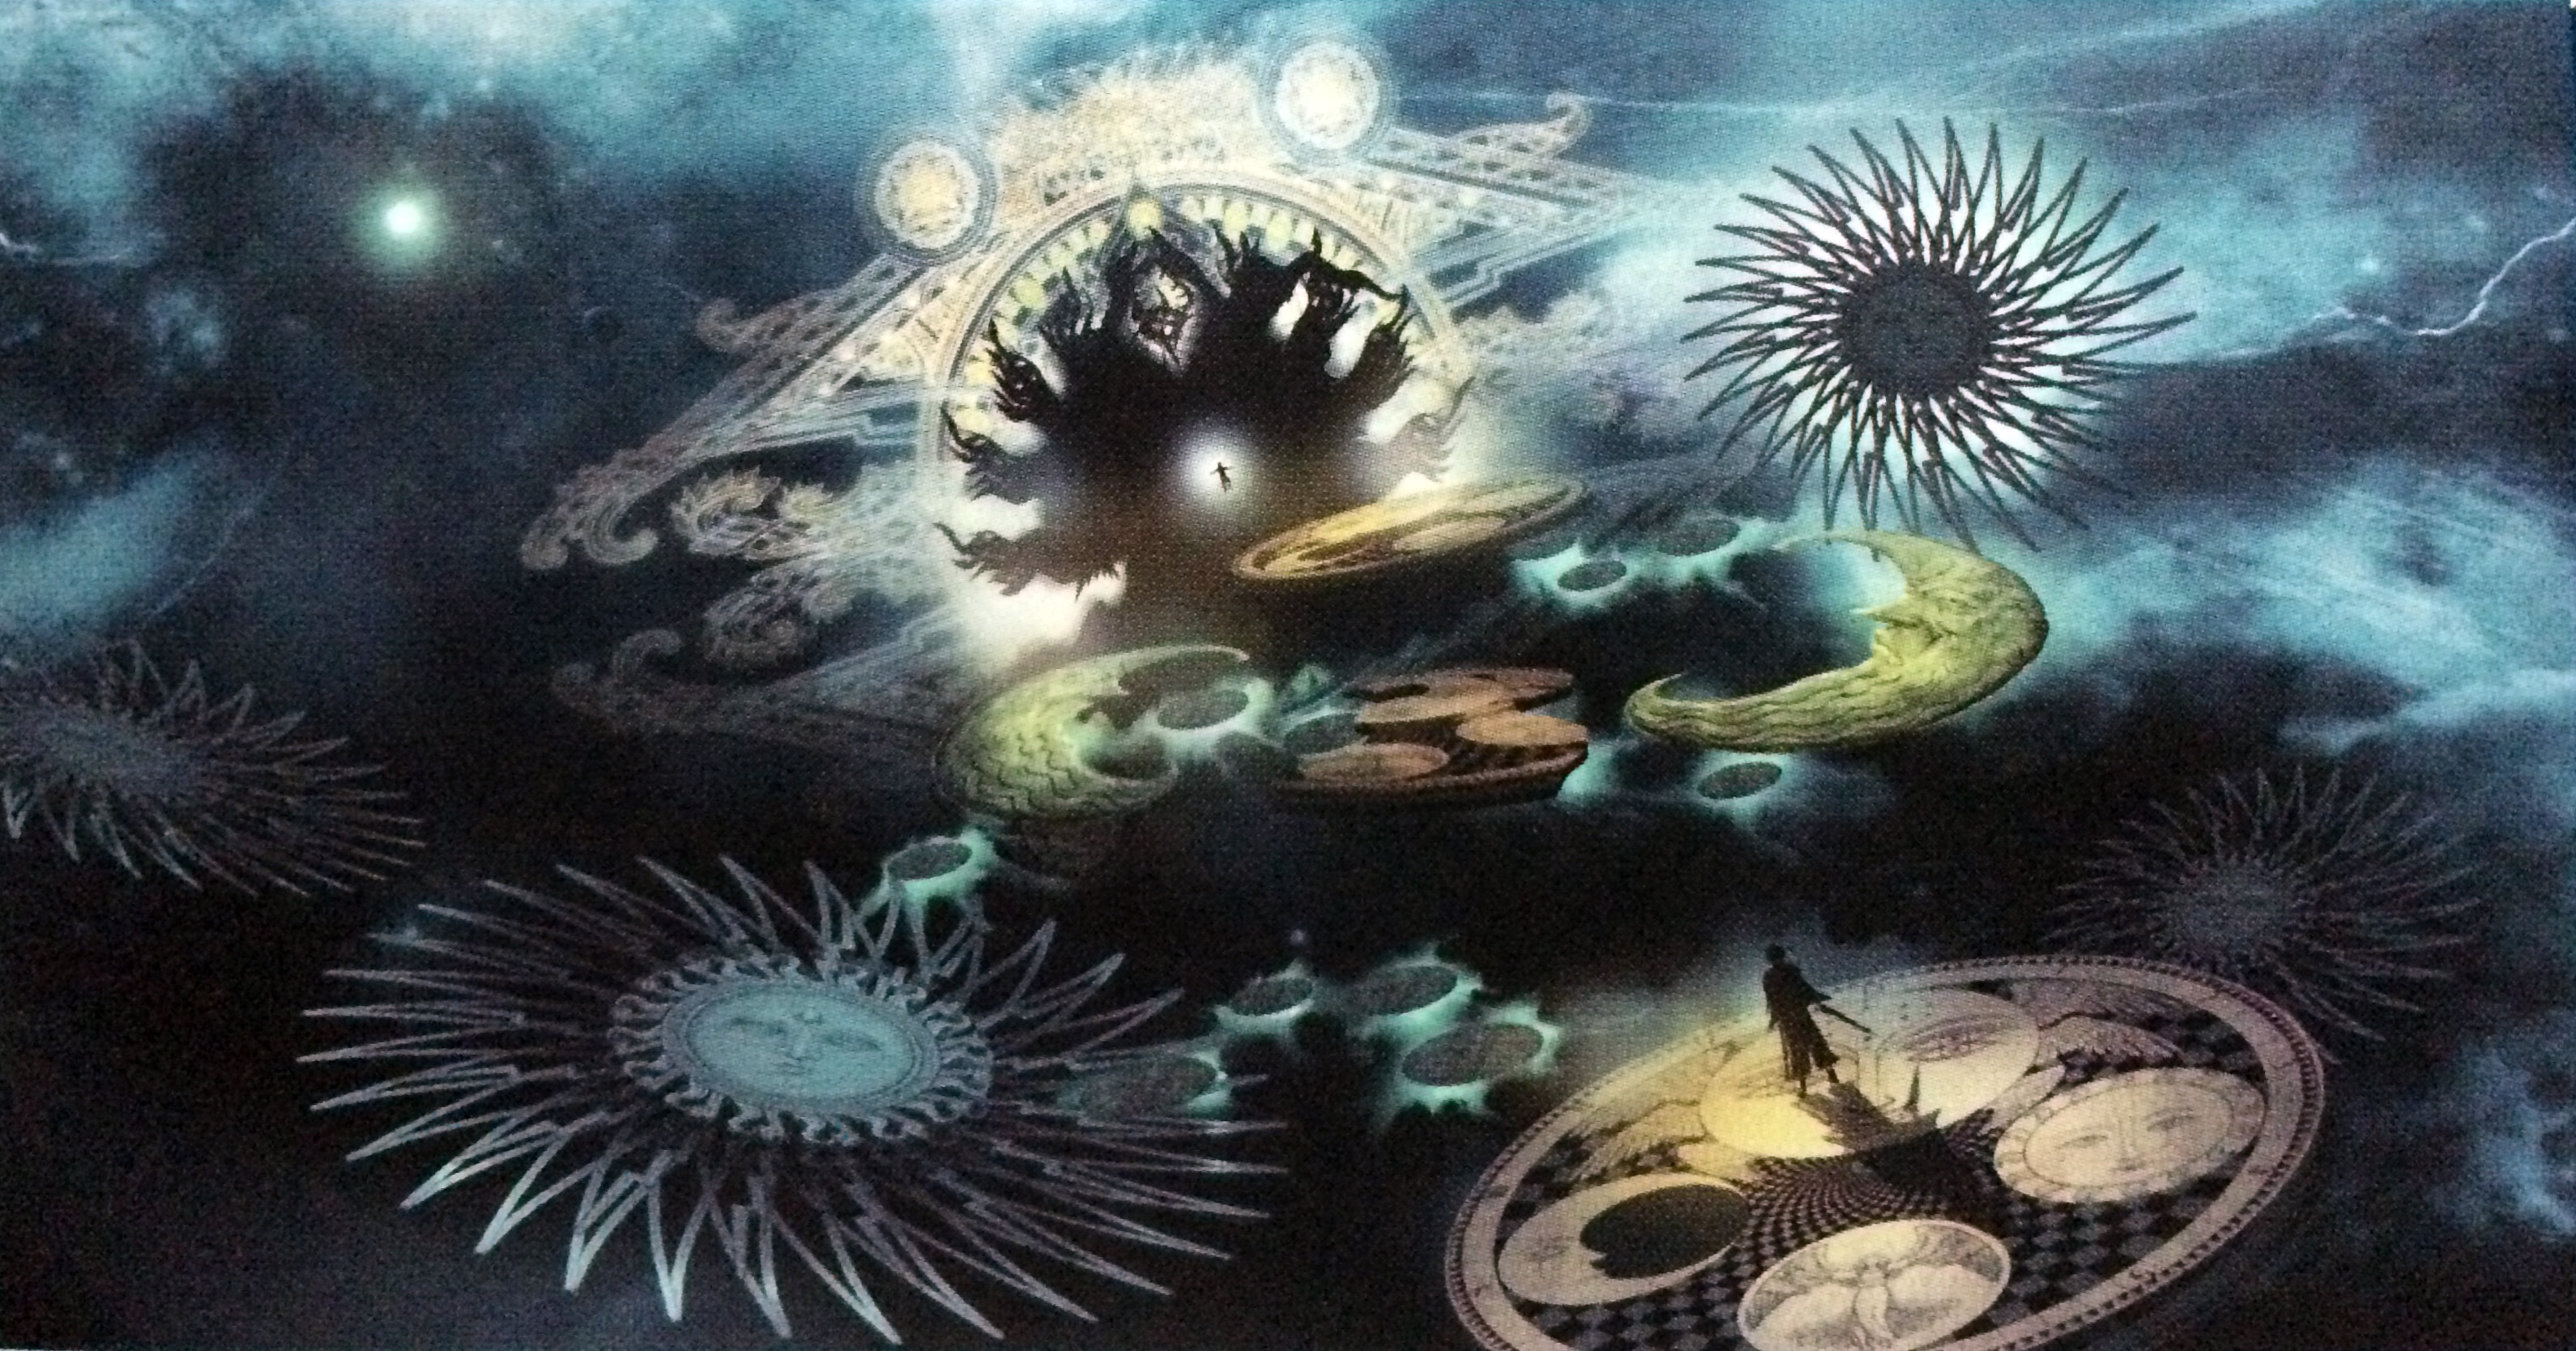 Final Fantasy worlds